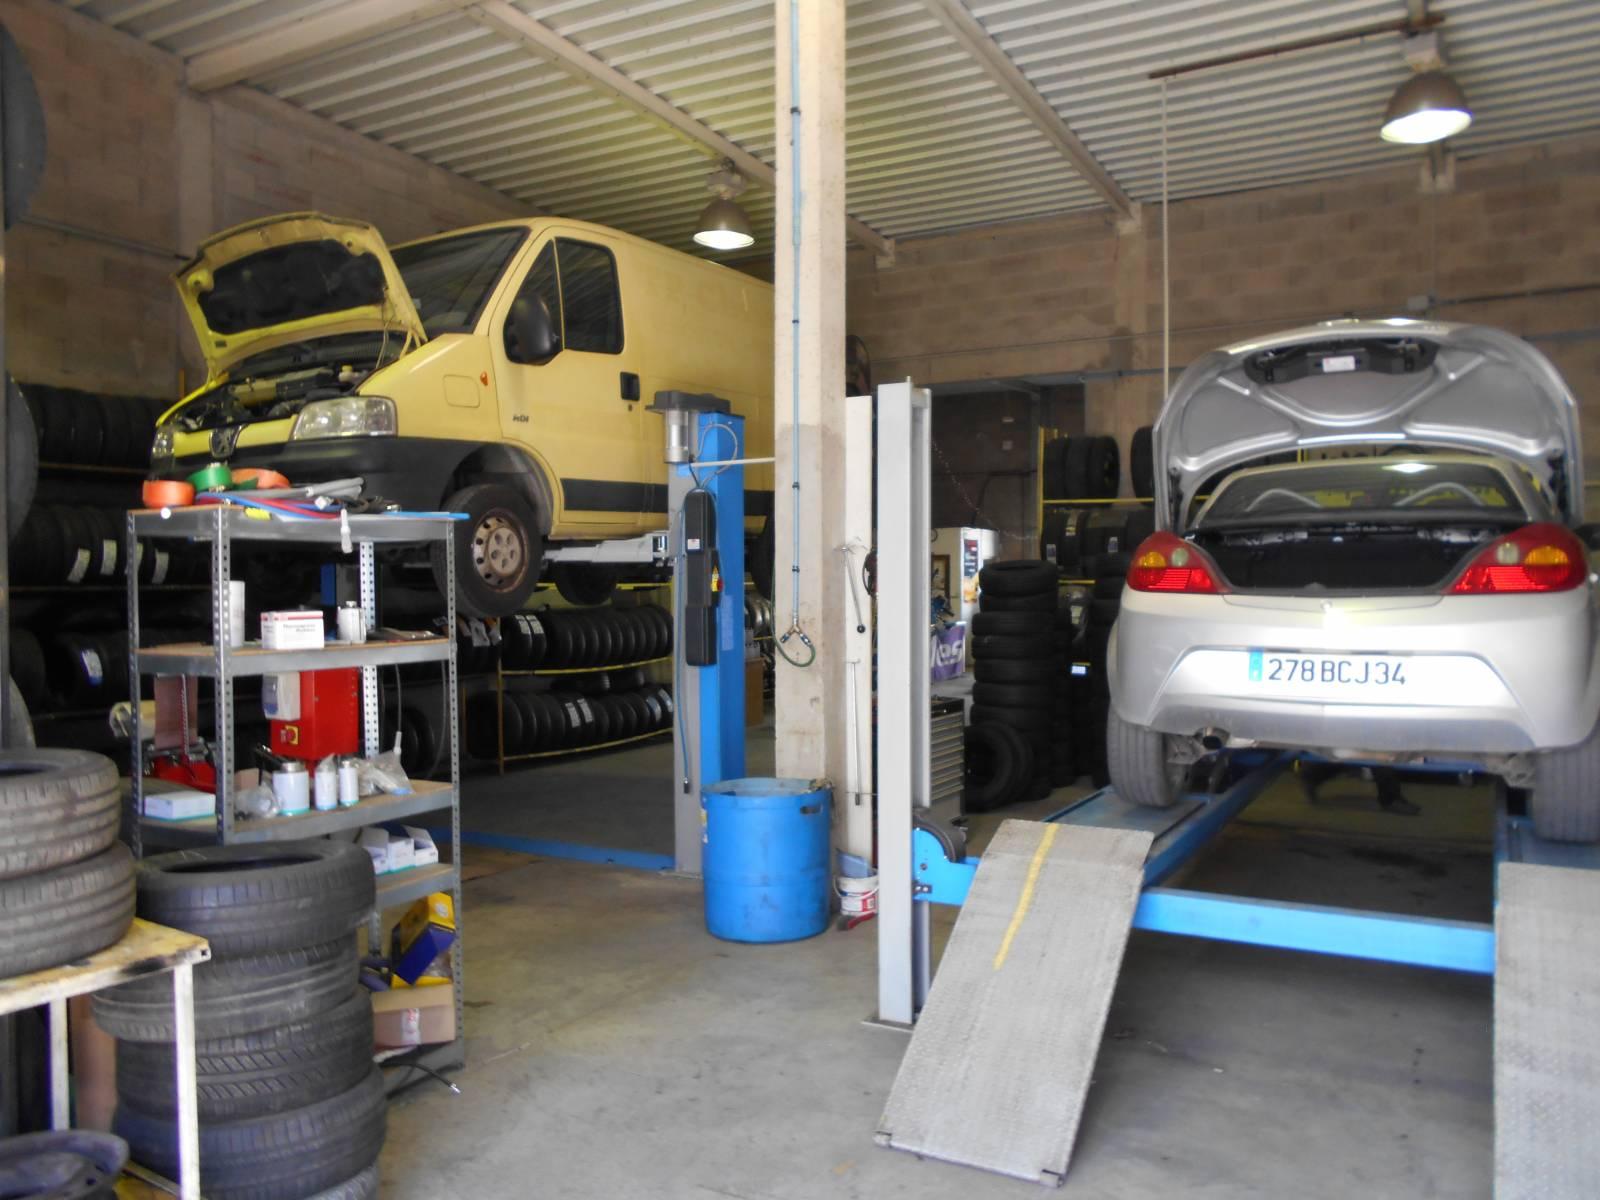 Garage m canique pour r paration auto sur montpellier comptoir du pneu - Garage automobile montpellier ...